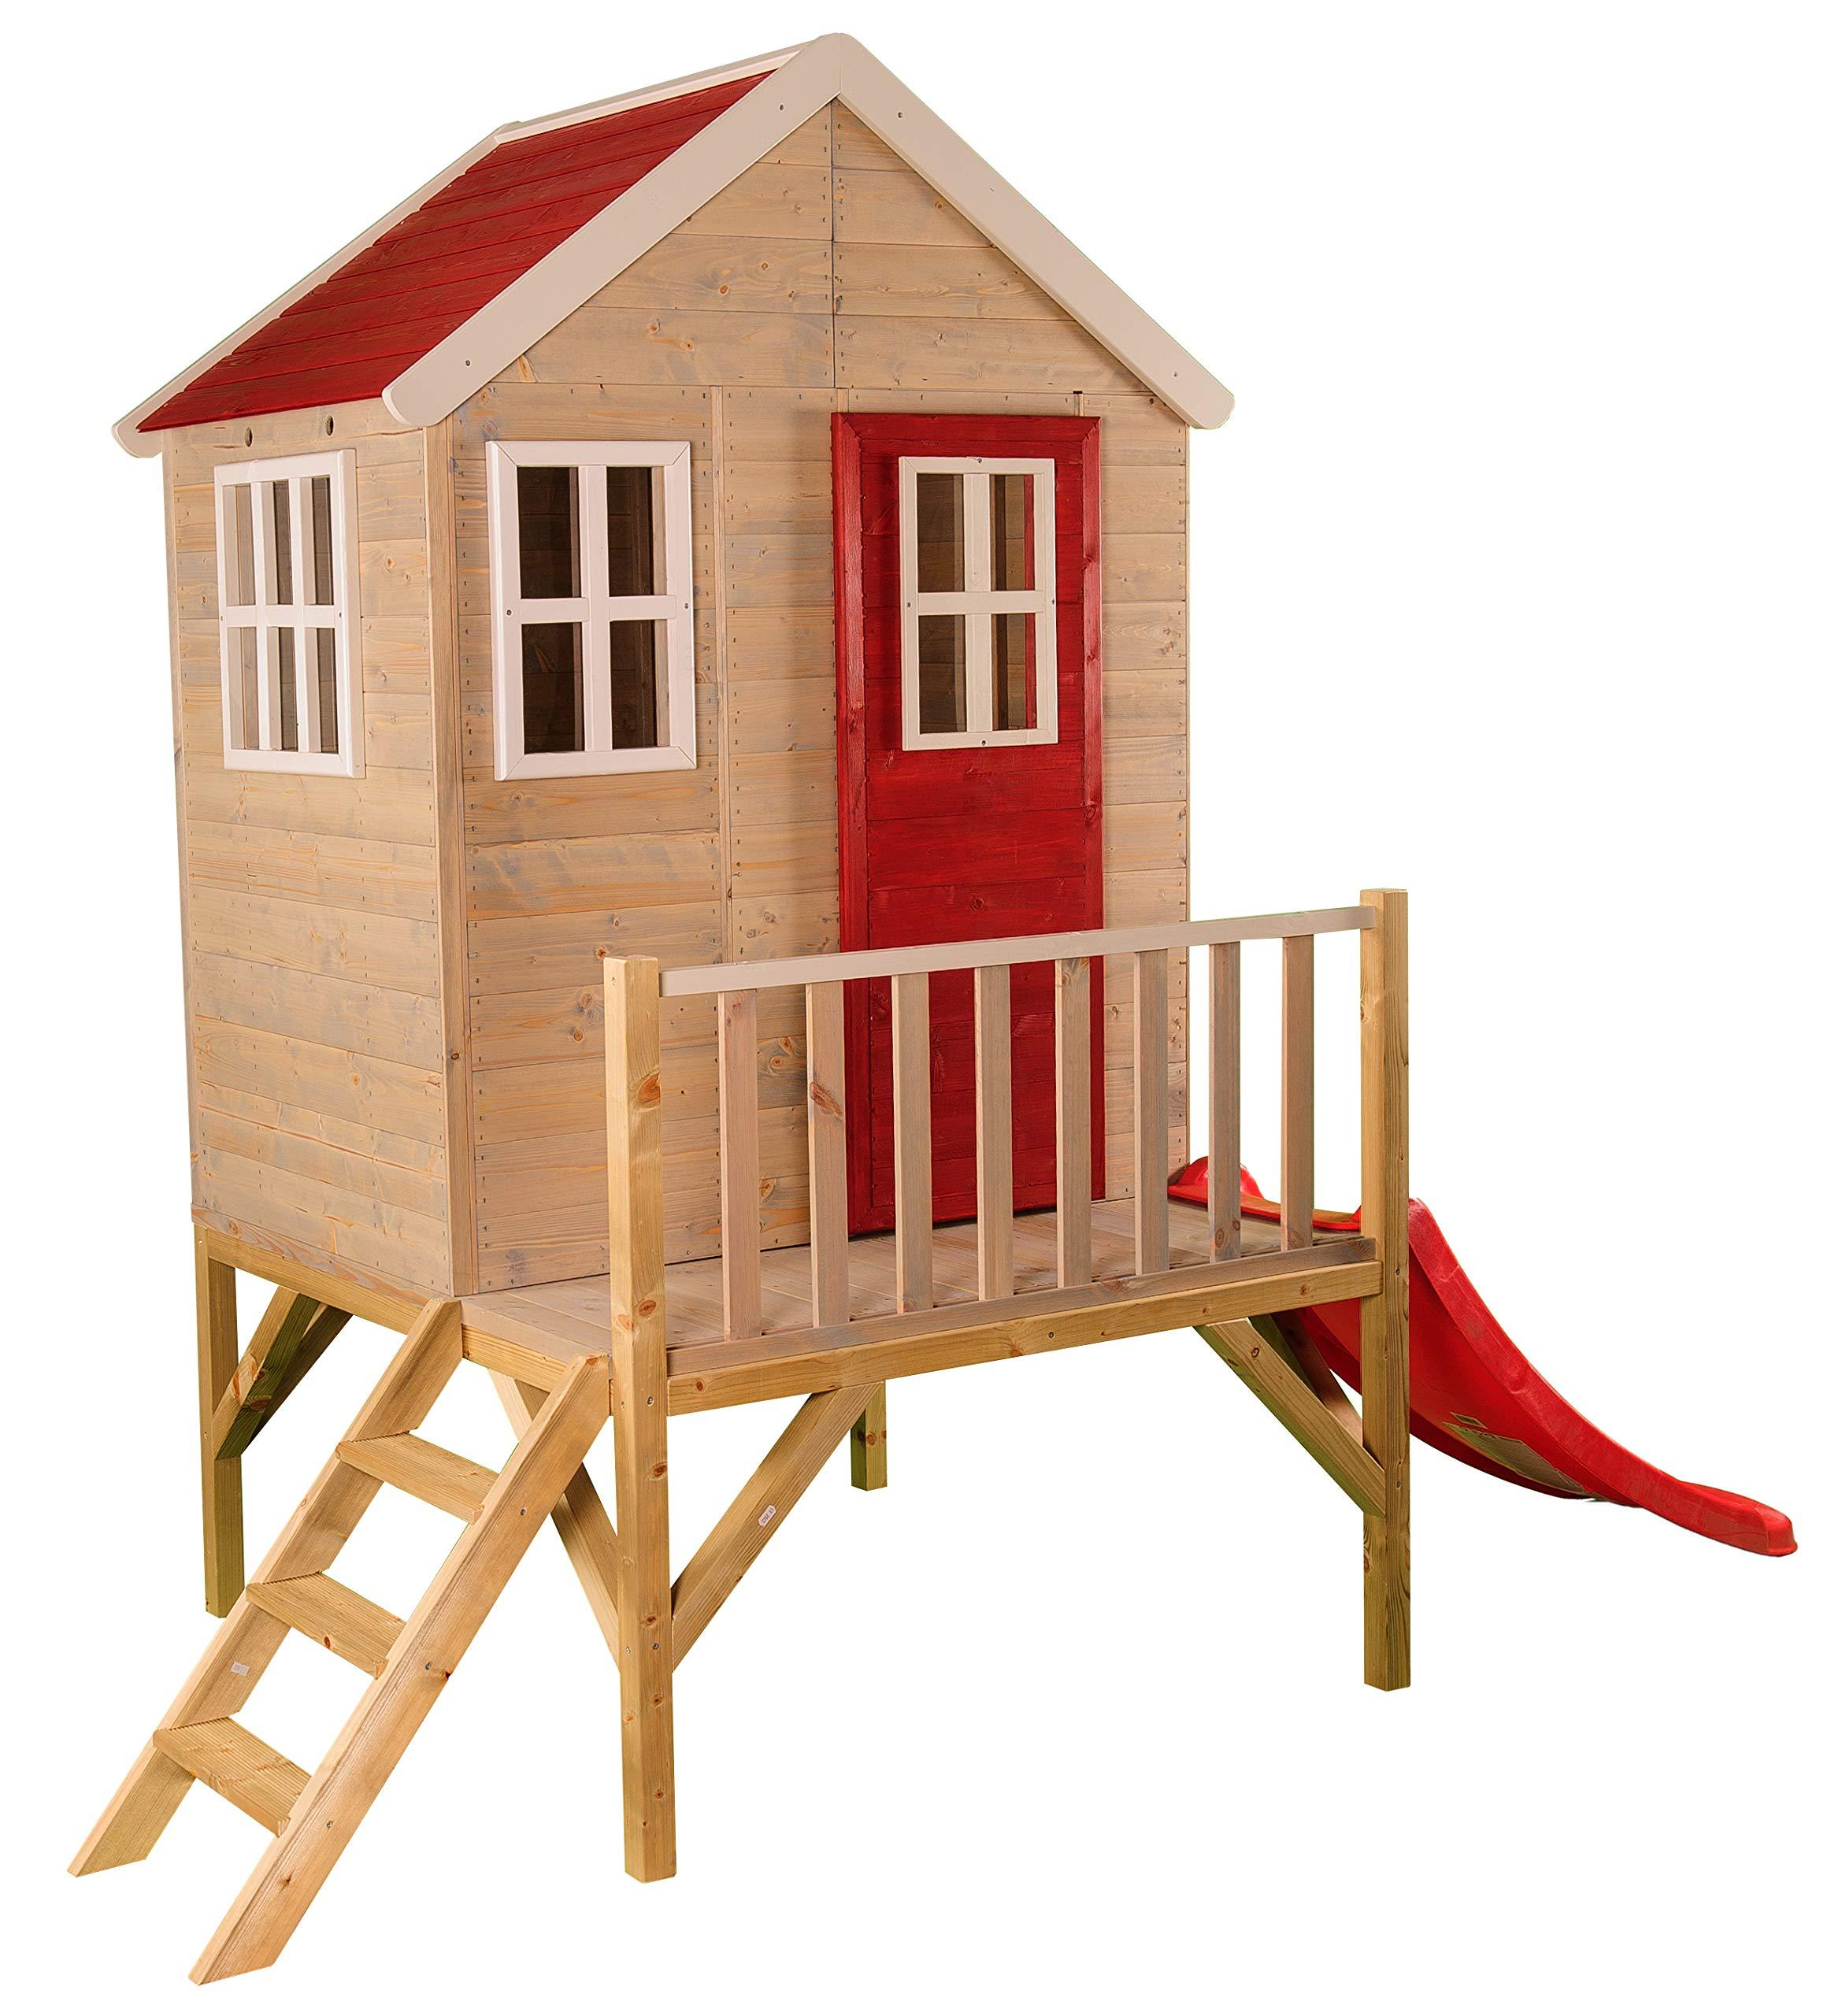 Di legno casa per bambini su piattaforma per esterno for Casa legno bambini